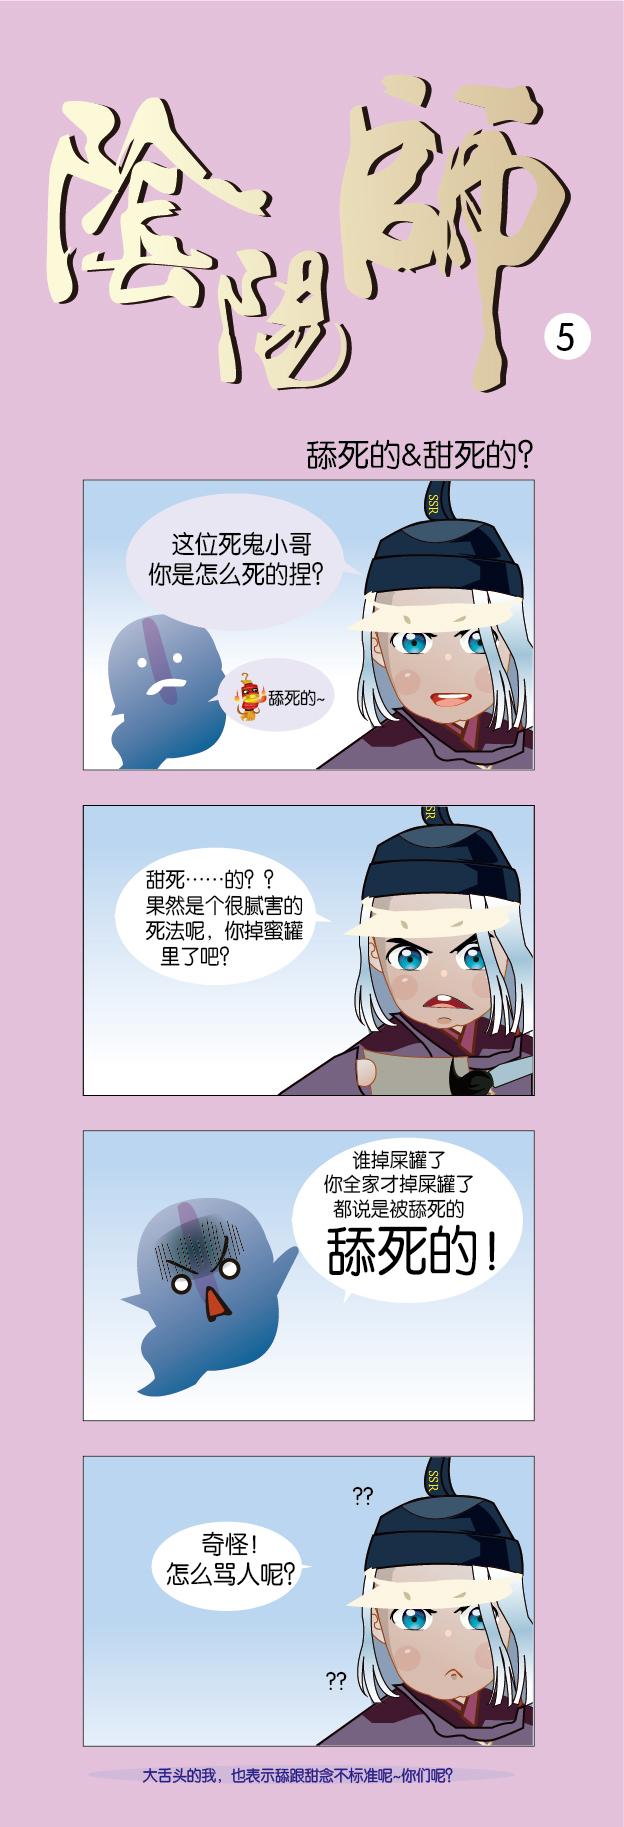 网易手游阴阳师四格漫画3篇|商业插画|插画|梦